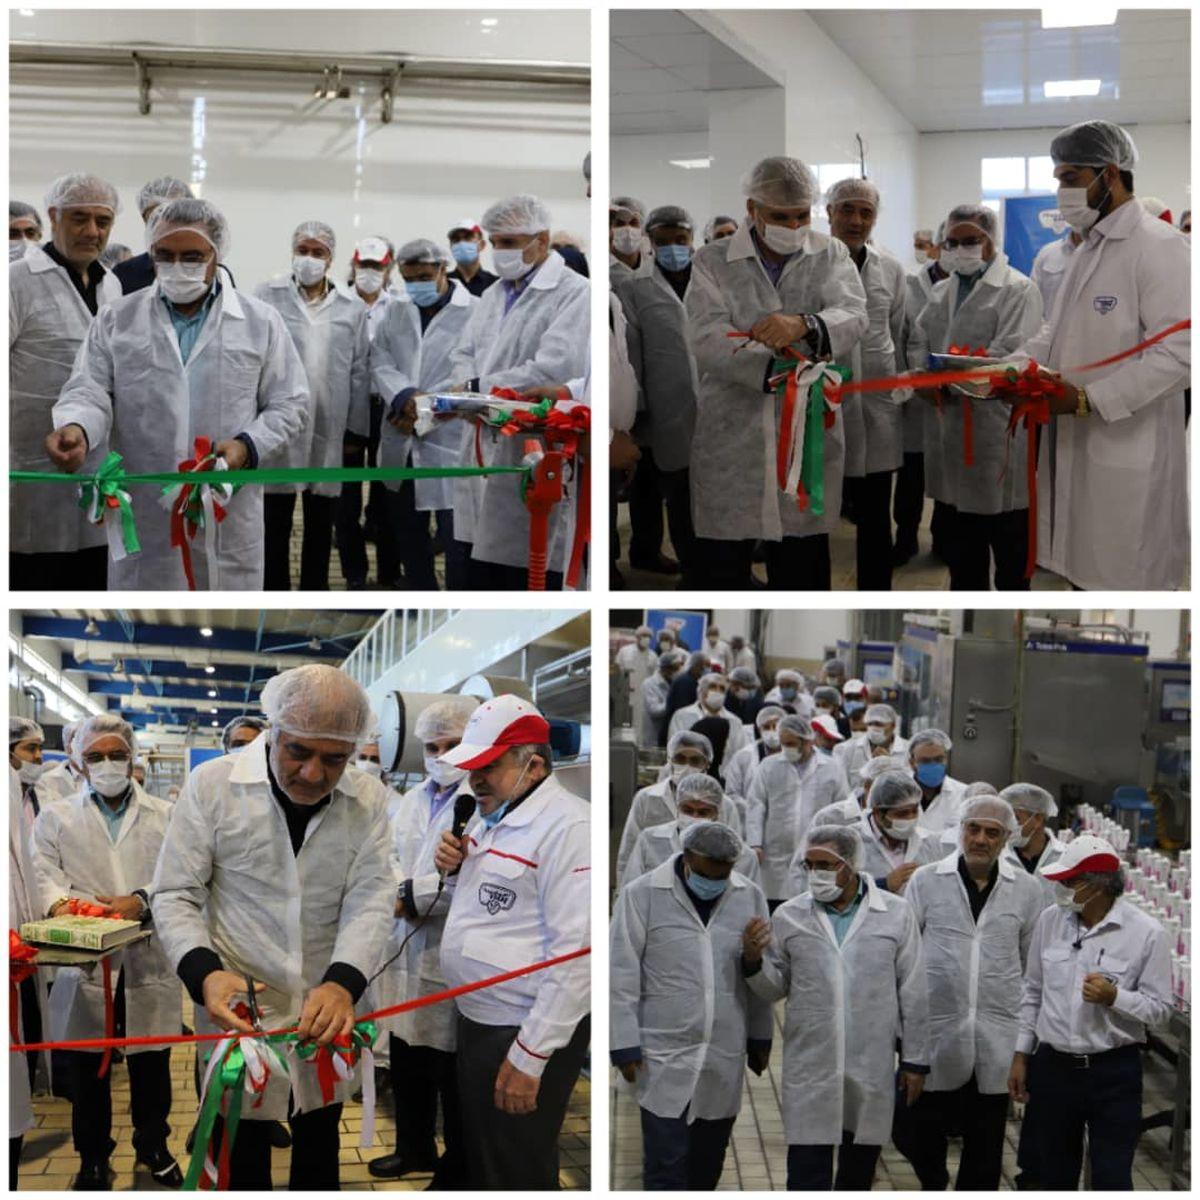 افتتاح ۴ خط تولید و رونمایی ۳ محصول تازه در پگاه تهران